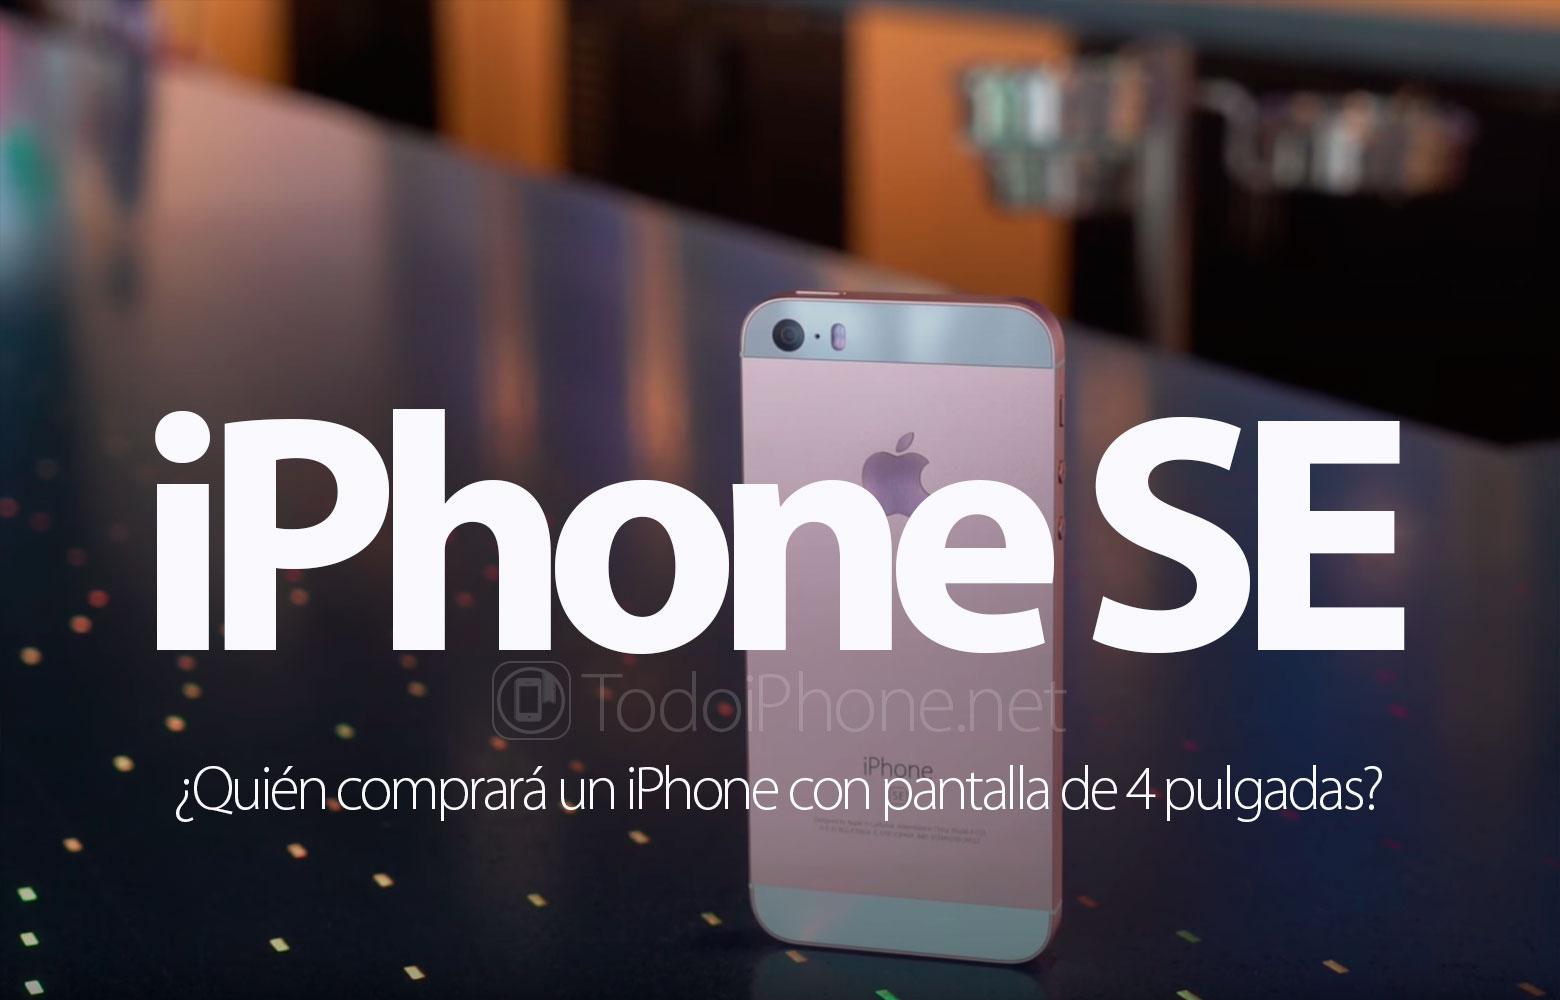 iphone-se-quien-comprara-iphone-4-pulgadas